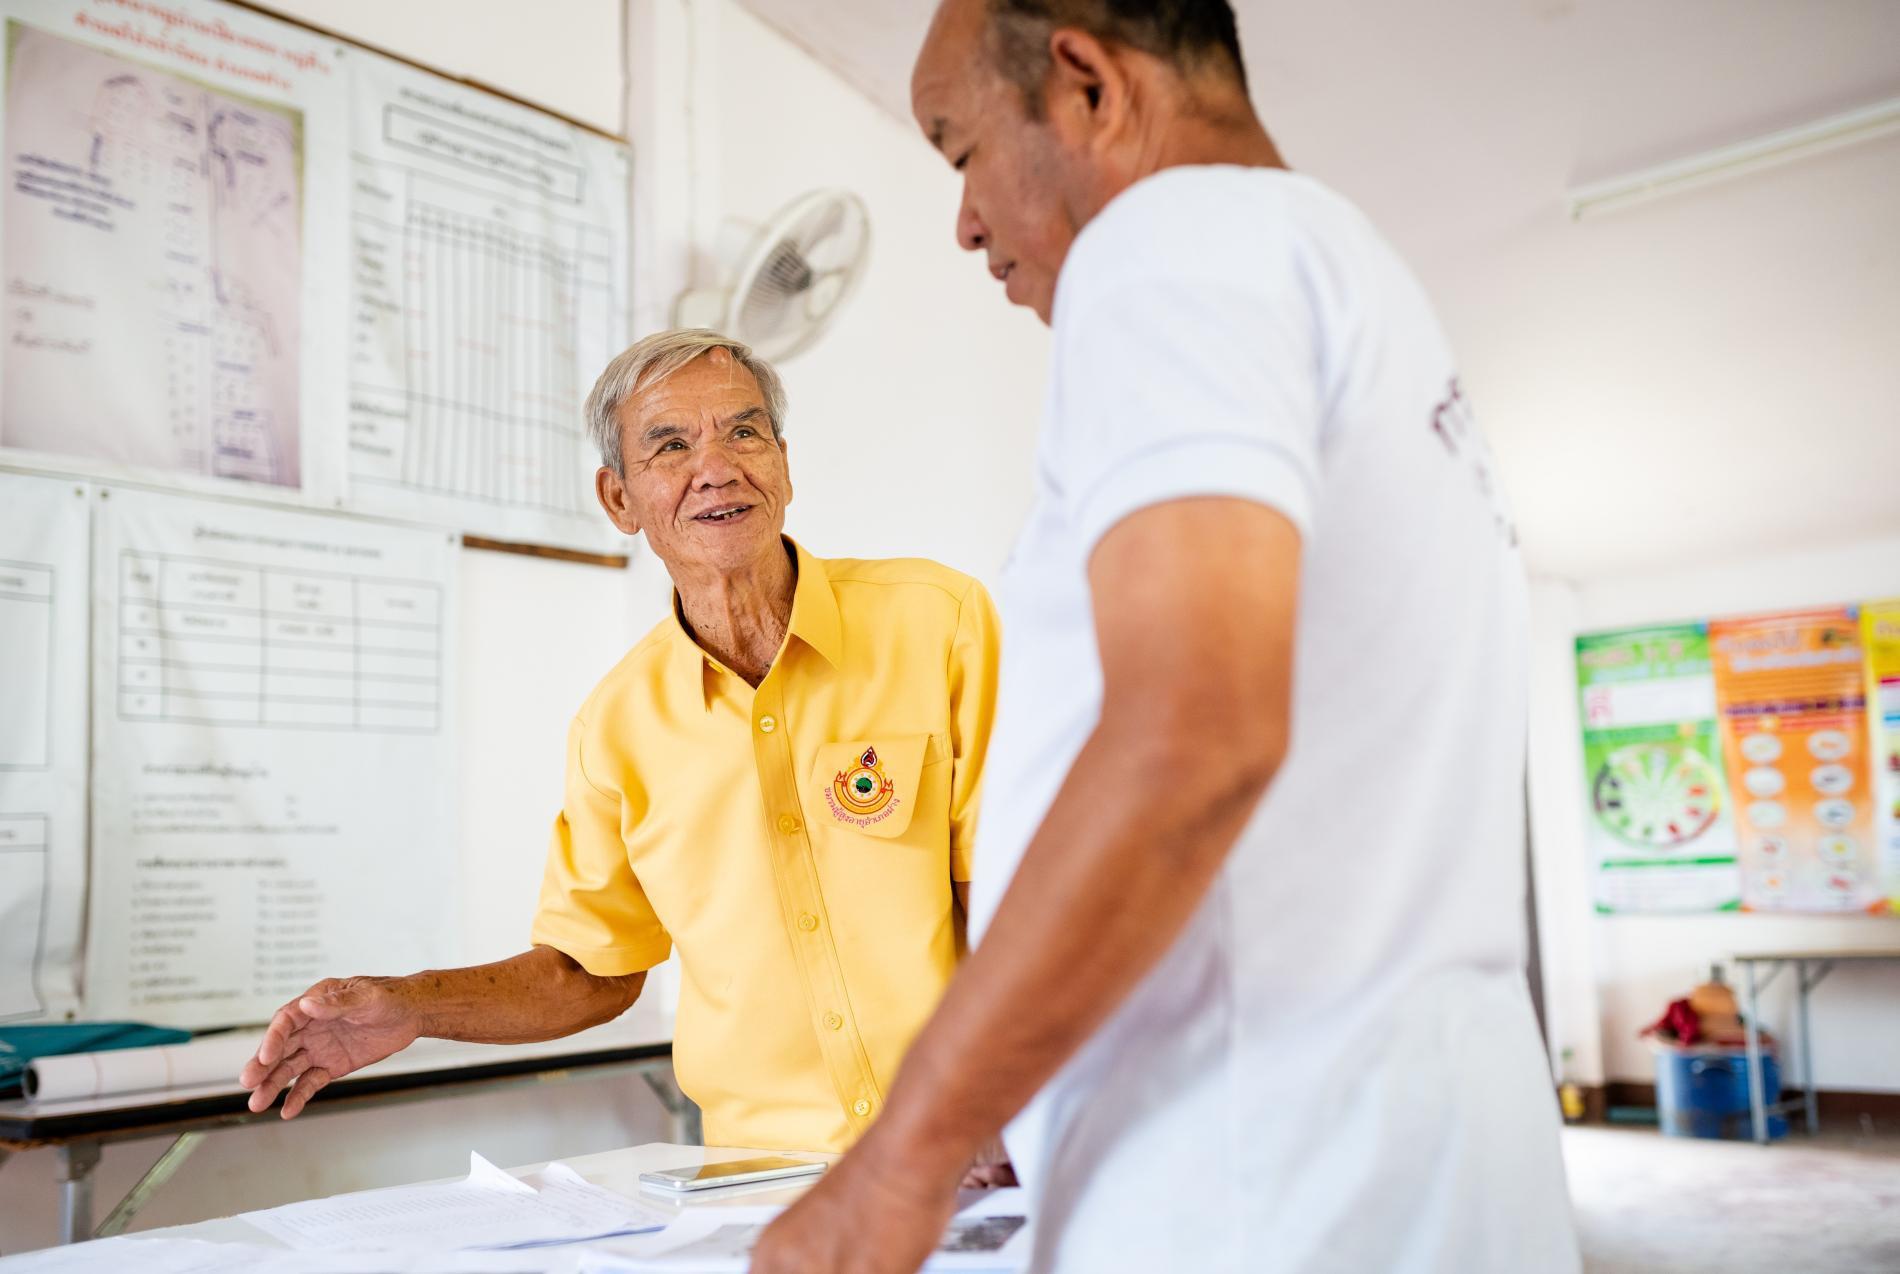 Câu chuyện về ông lão cứu cả cộng đồng khỏi thảm họa thiên thiên nhiên 100 năm mới có 1 lần: 78 tuổi vẫn không ngừng làm đẹp cho đời - Ảnh 3.